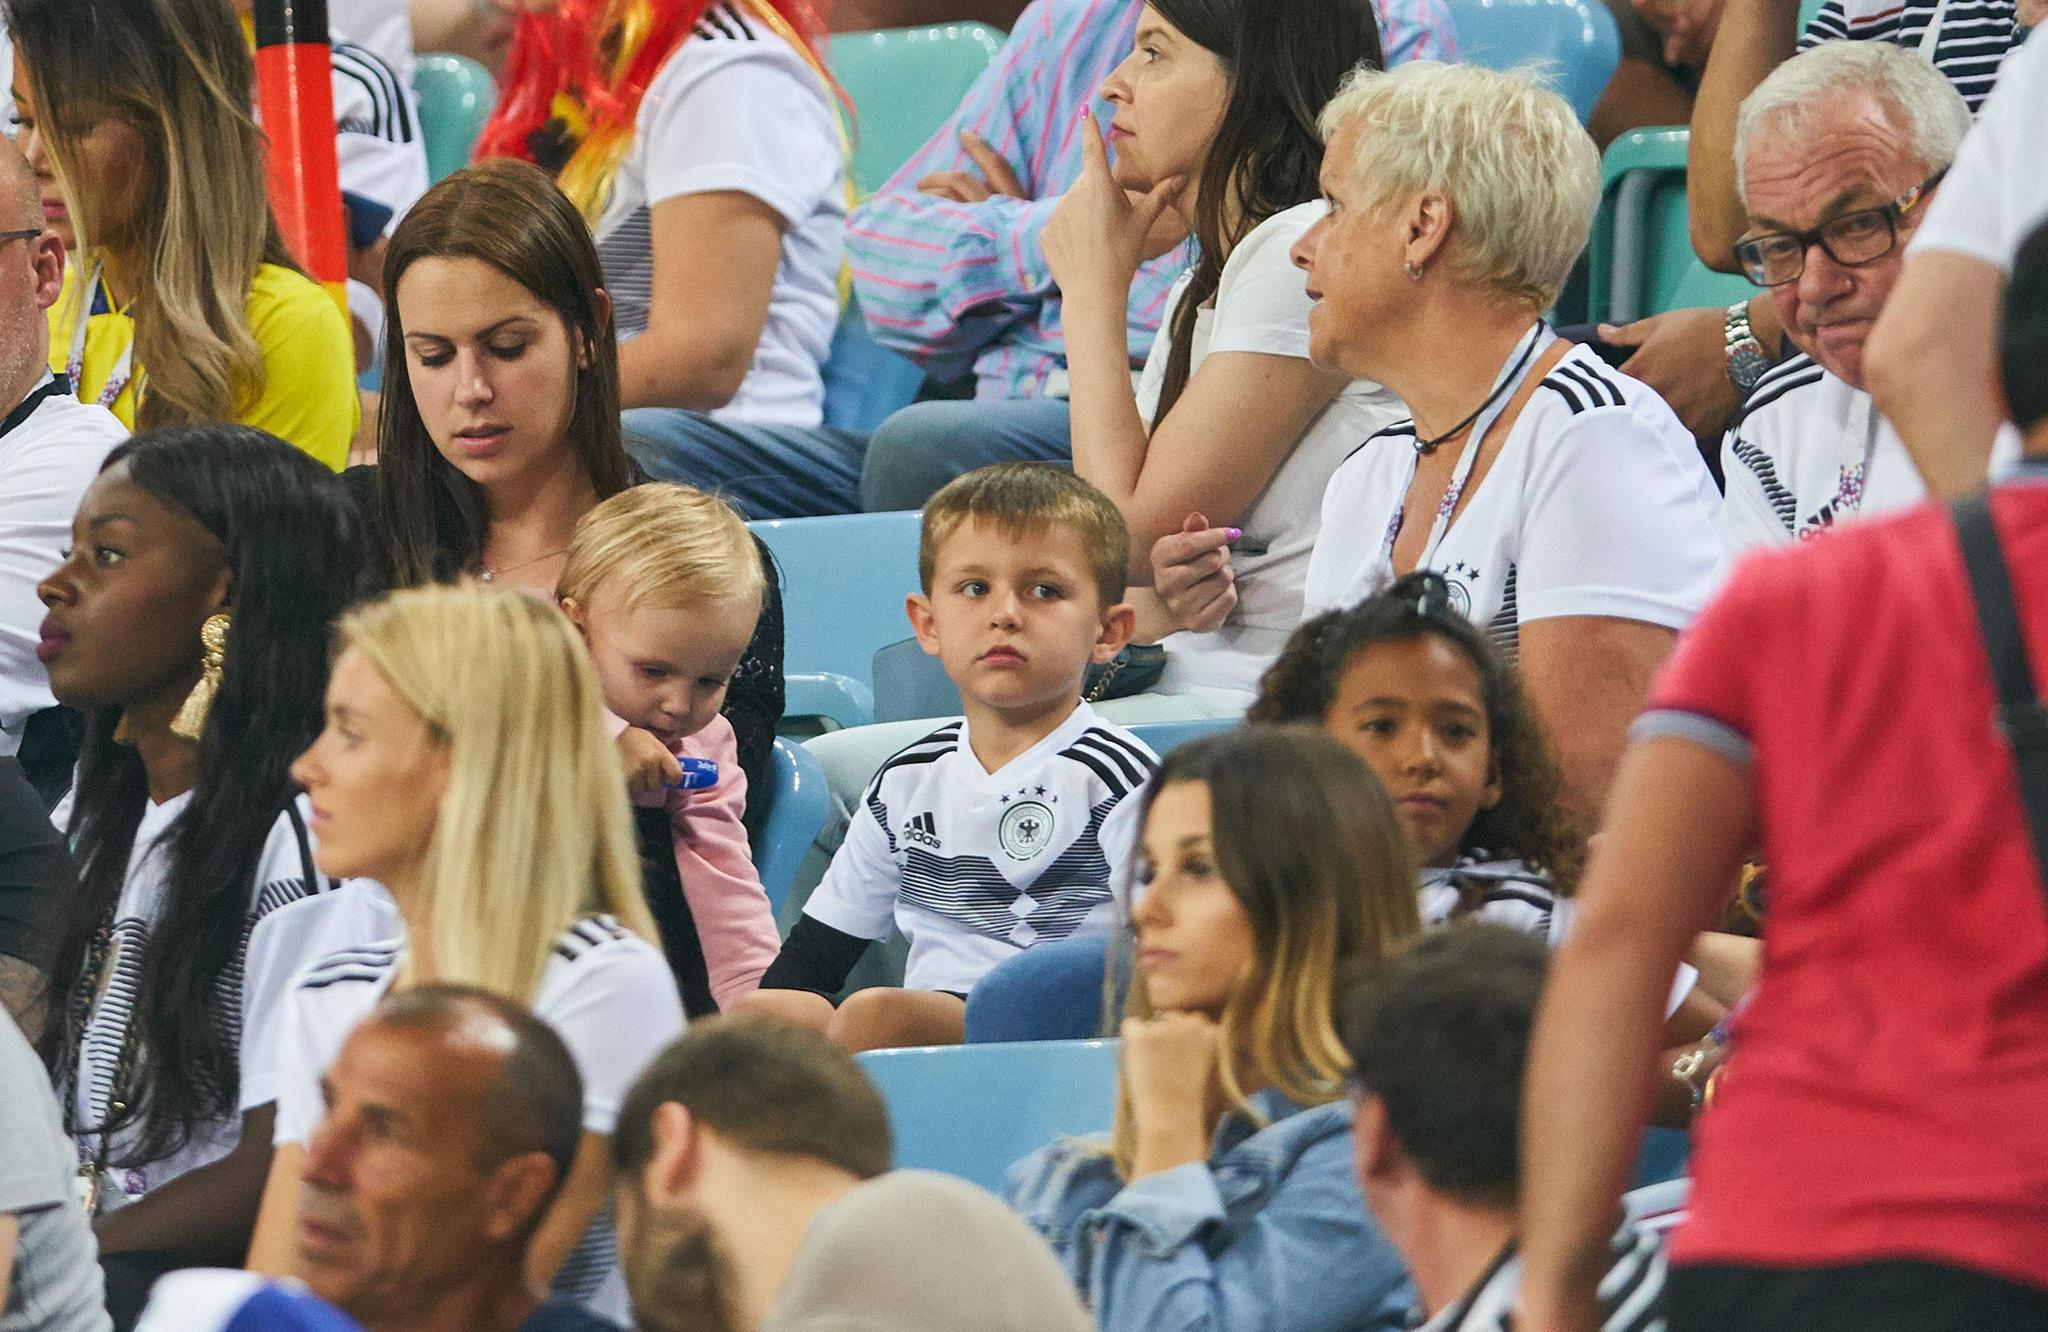 Jessica Kroos ist mit Tochter Amelie und Sohn Leon ins Stadion nach Sotschi gekommen, um Toni Kroos im Spiel gegen Schweden zu unterstützen